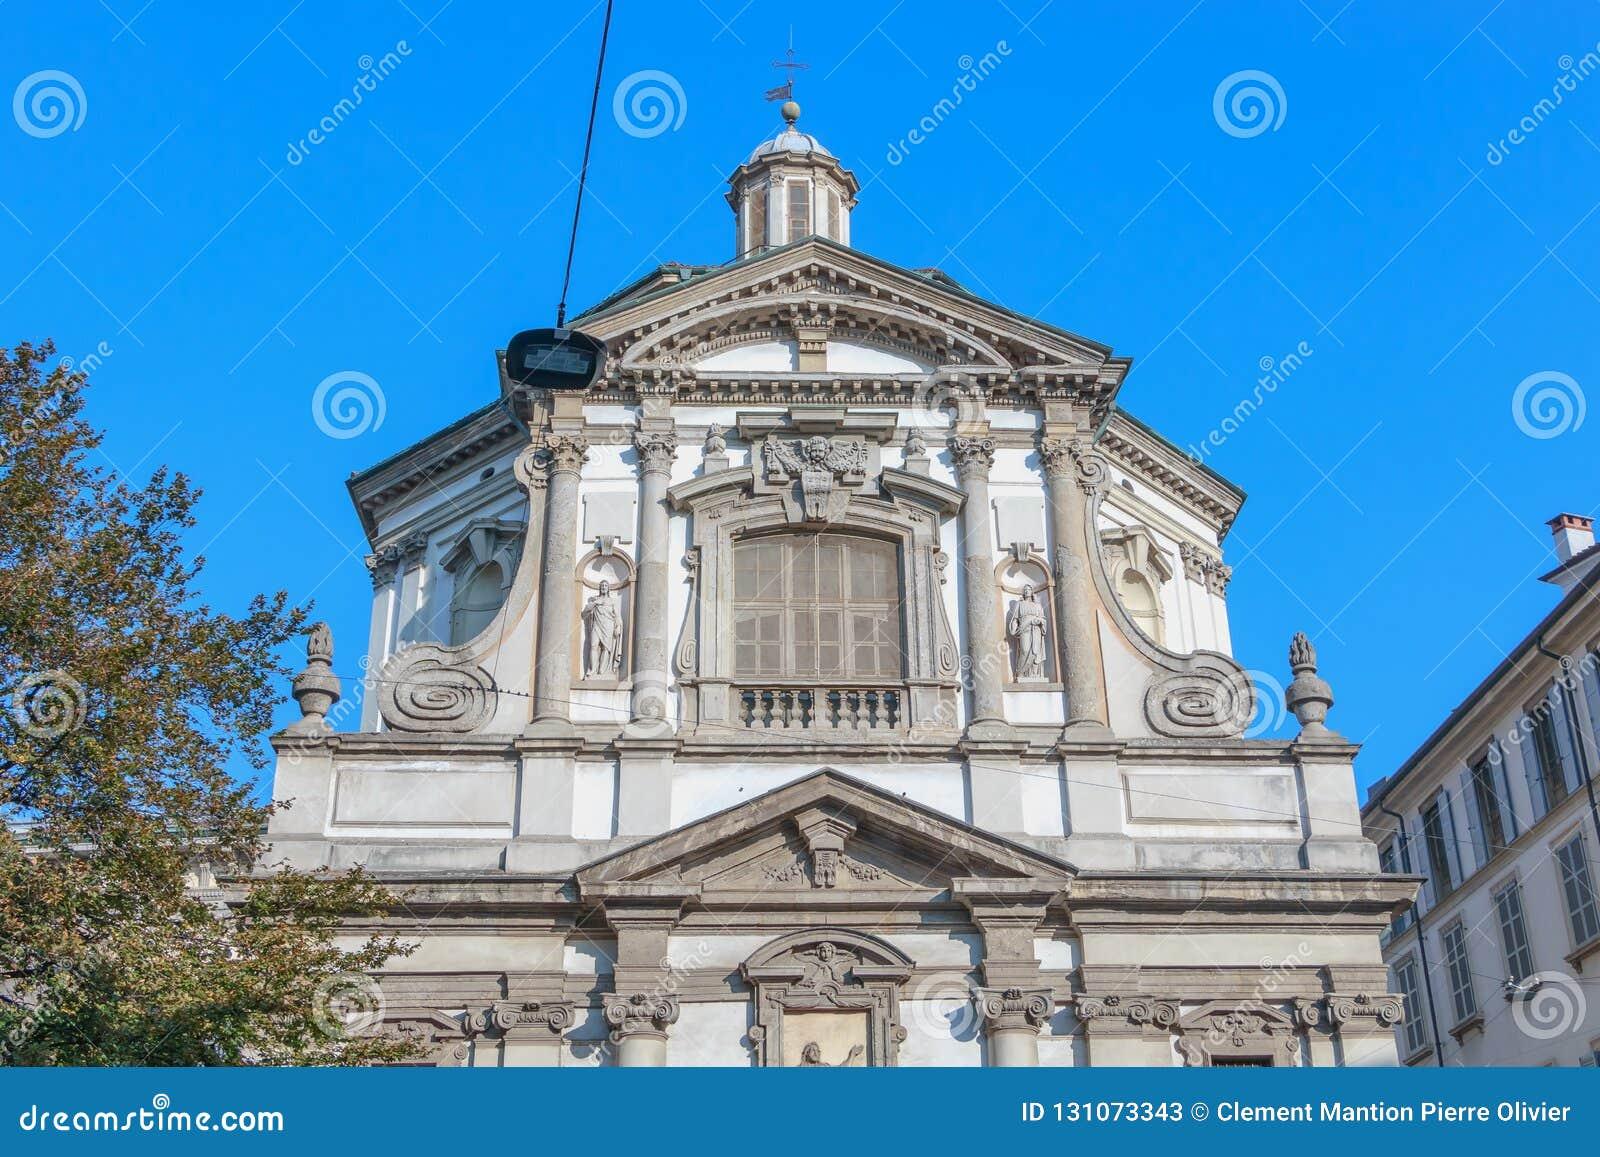 Αρχιτεκτονική λεπτομέρεια του Ρωμαίου - καθολικό μπαρόκ SAN Giuseppe